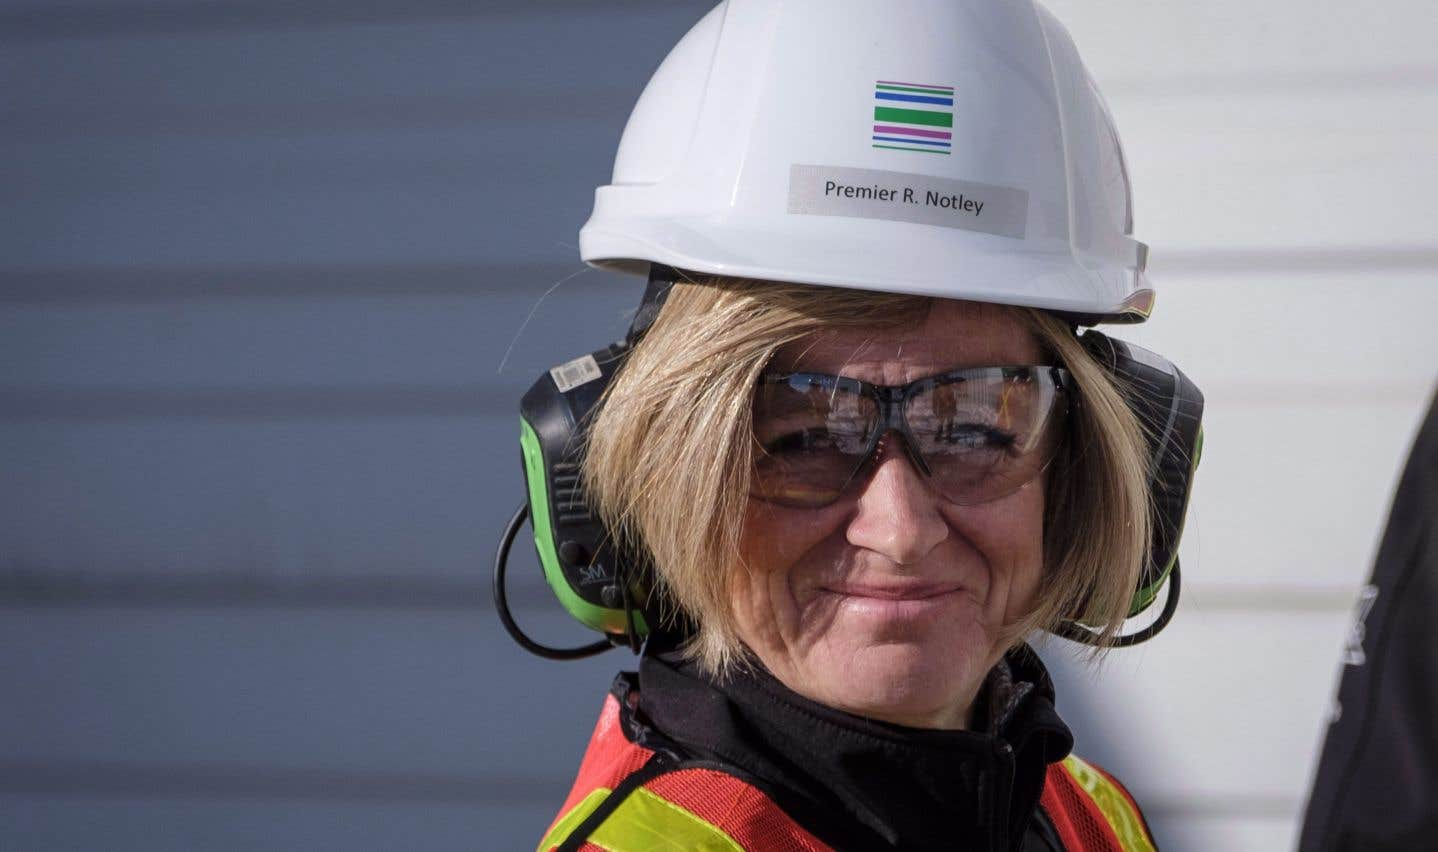 La première ministre de l'Alberta, Rachel Notley, lors d'une visite des installations d'une compagnie albertaine spécialisée dans la construction de tuyaux de pipeline pour le secteur gazier, à Calgary, le 9 février.